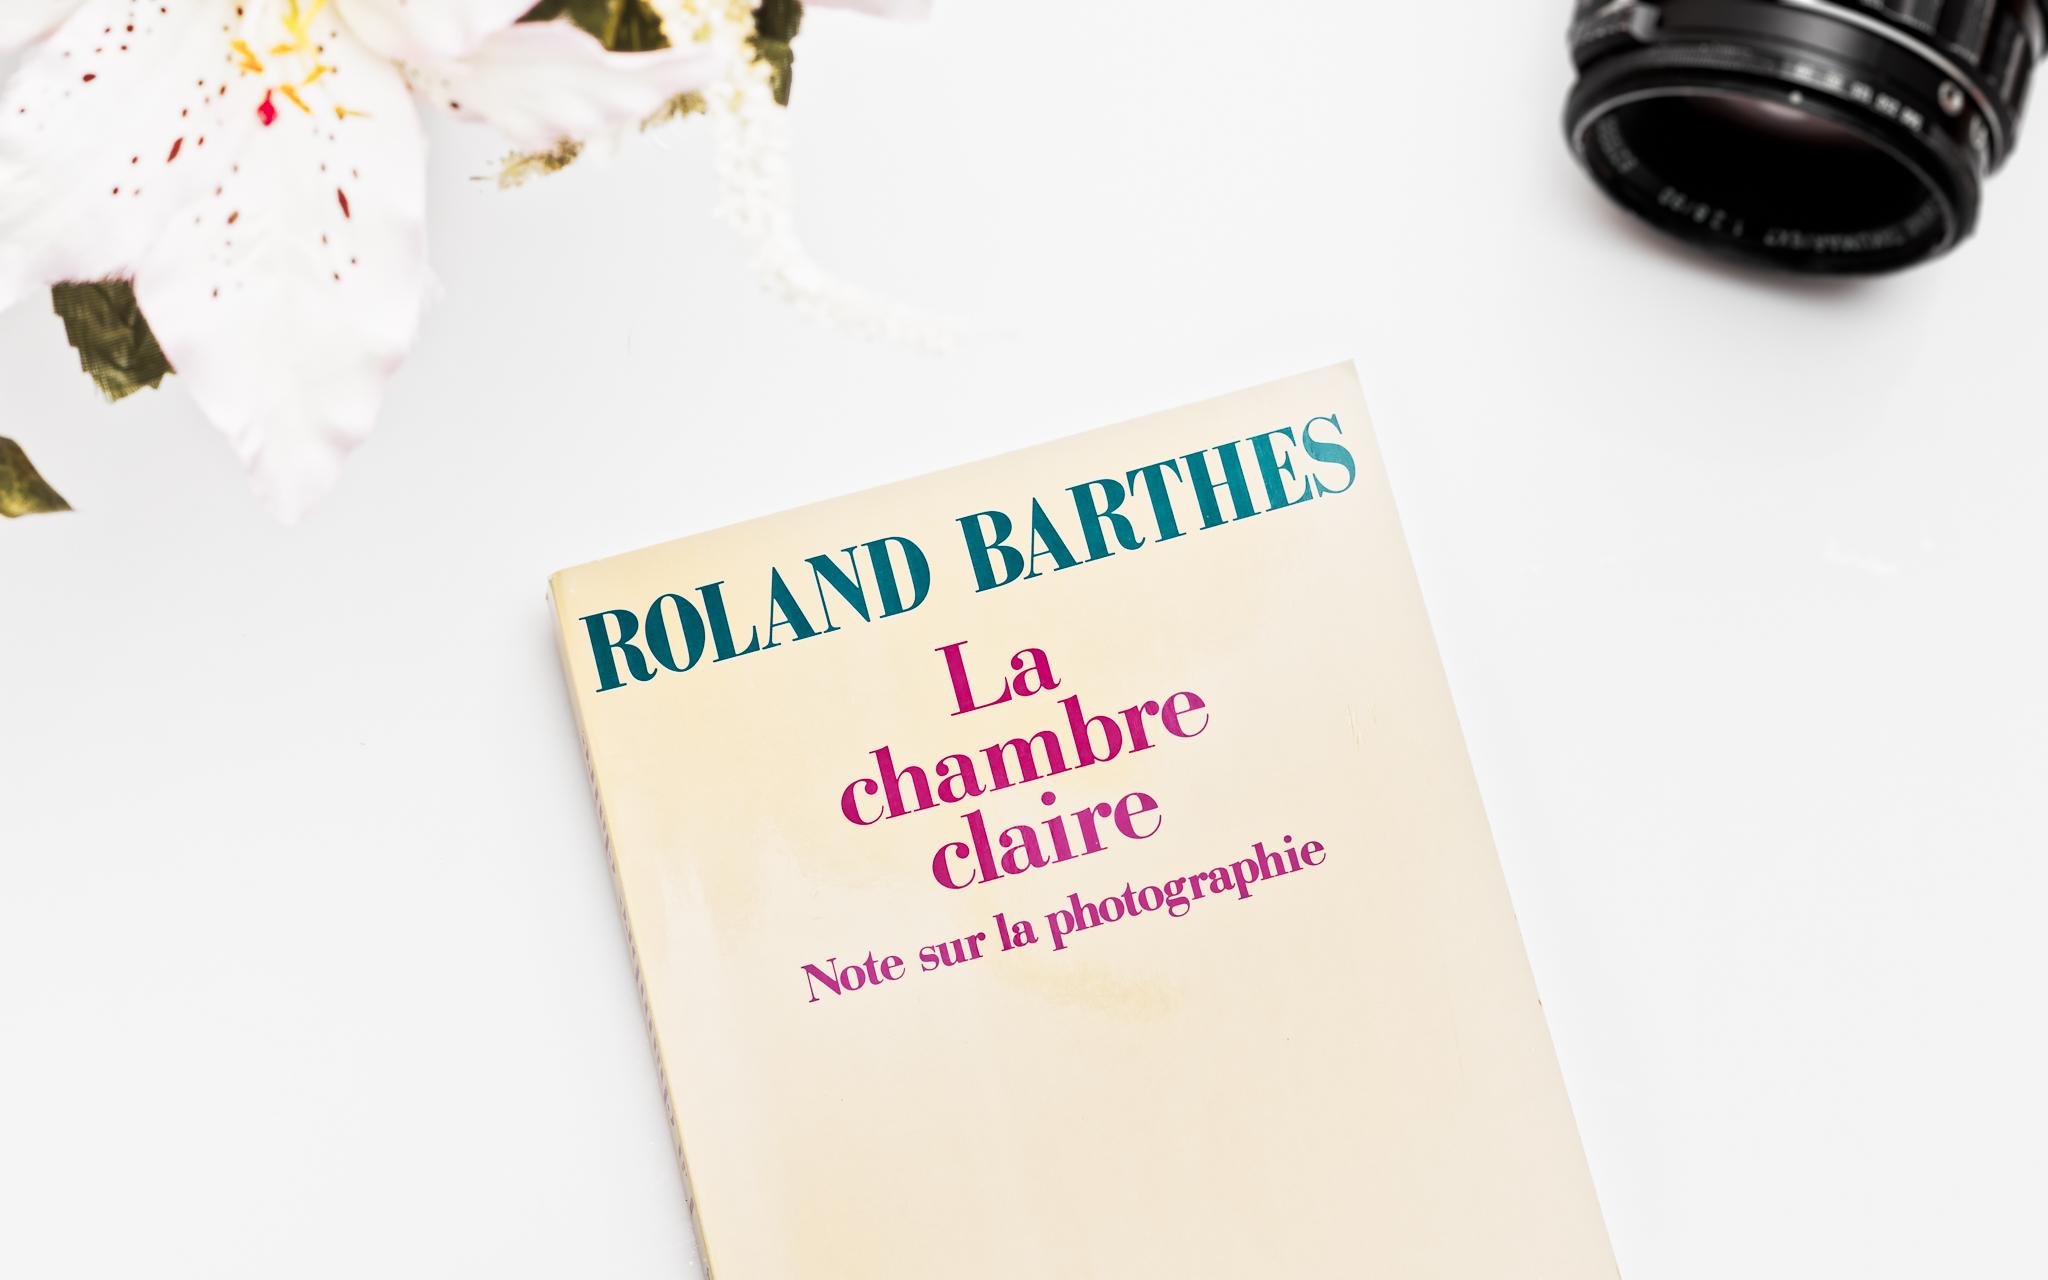 Roland barthes la chambre claire par les yeux de la coccinelle le blog - Barthes la chambre claire ...